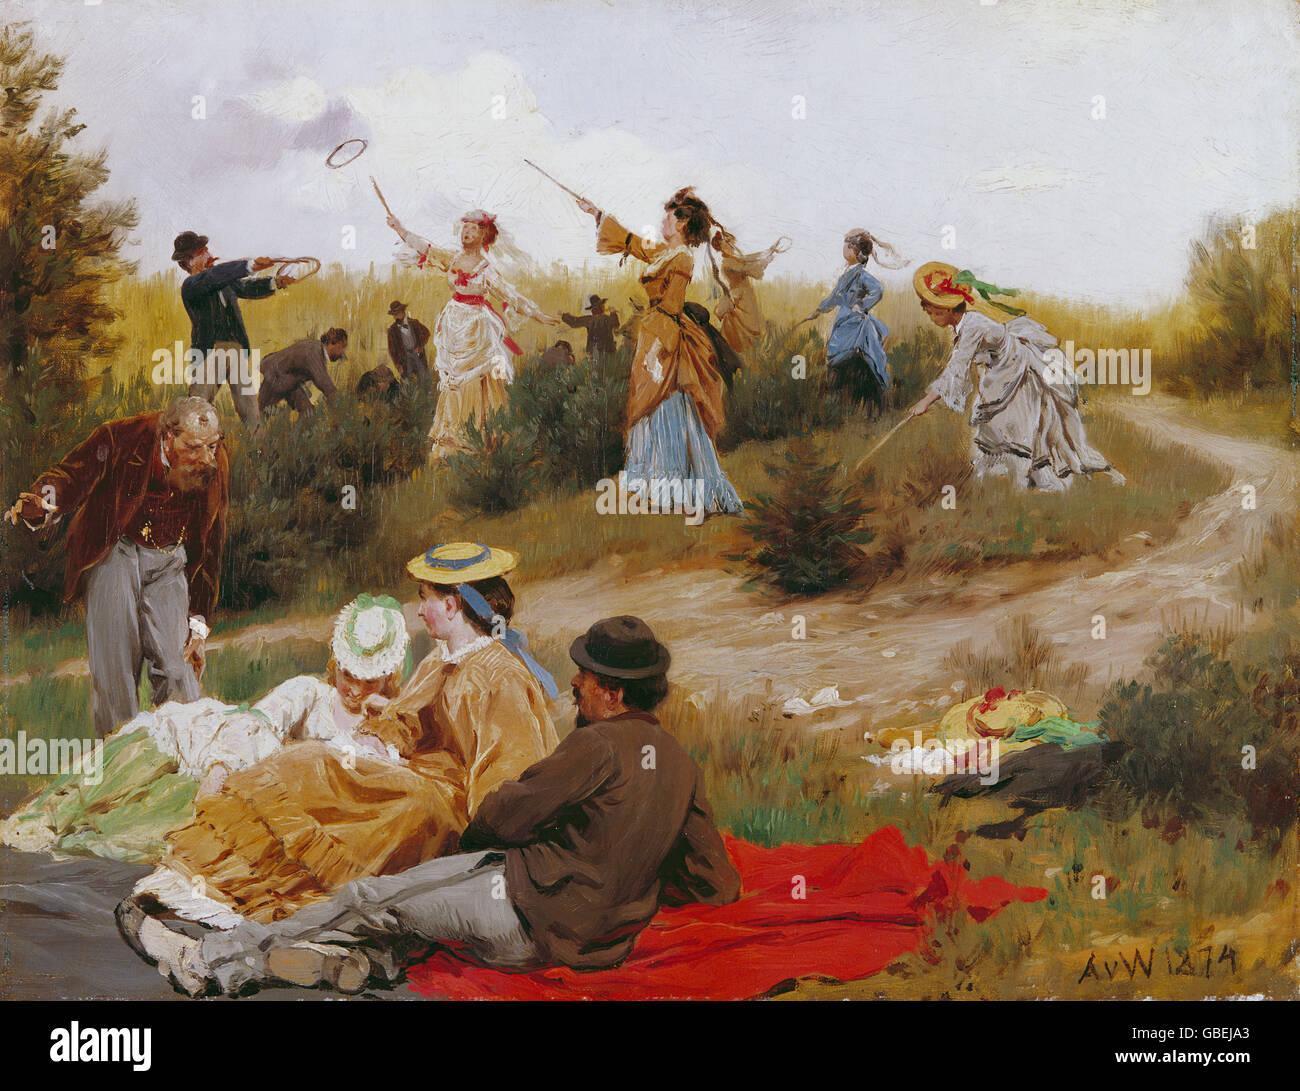 Belle arti, Werner, Anton von (1843 - 1915), la pittura, la riproduzione, la cattura di anelli, 1874, la Kunsthalle Immagini Stock